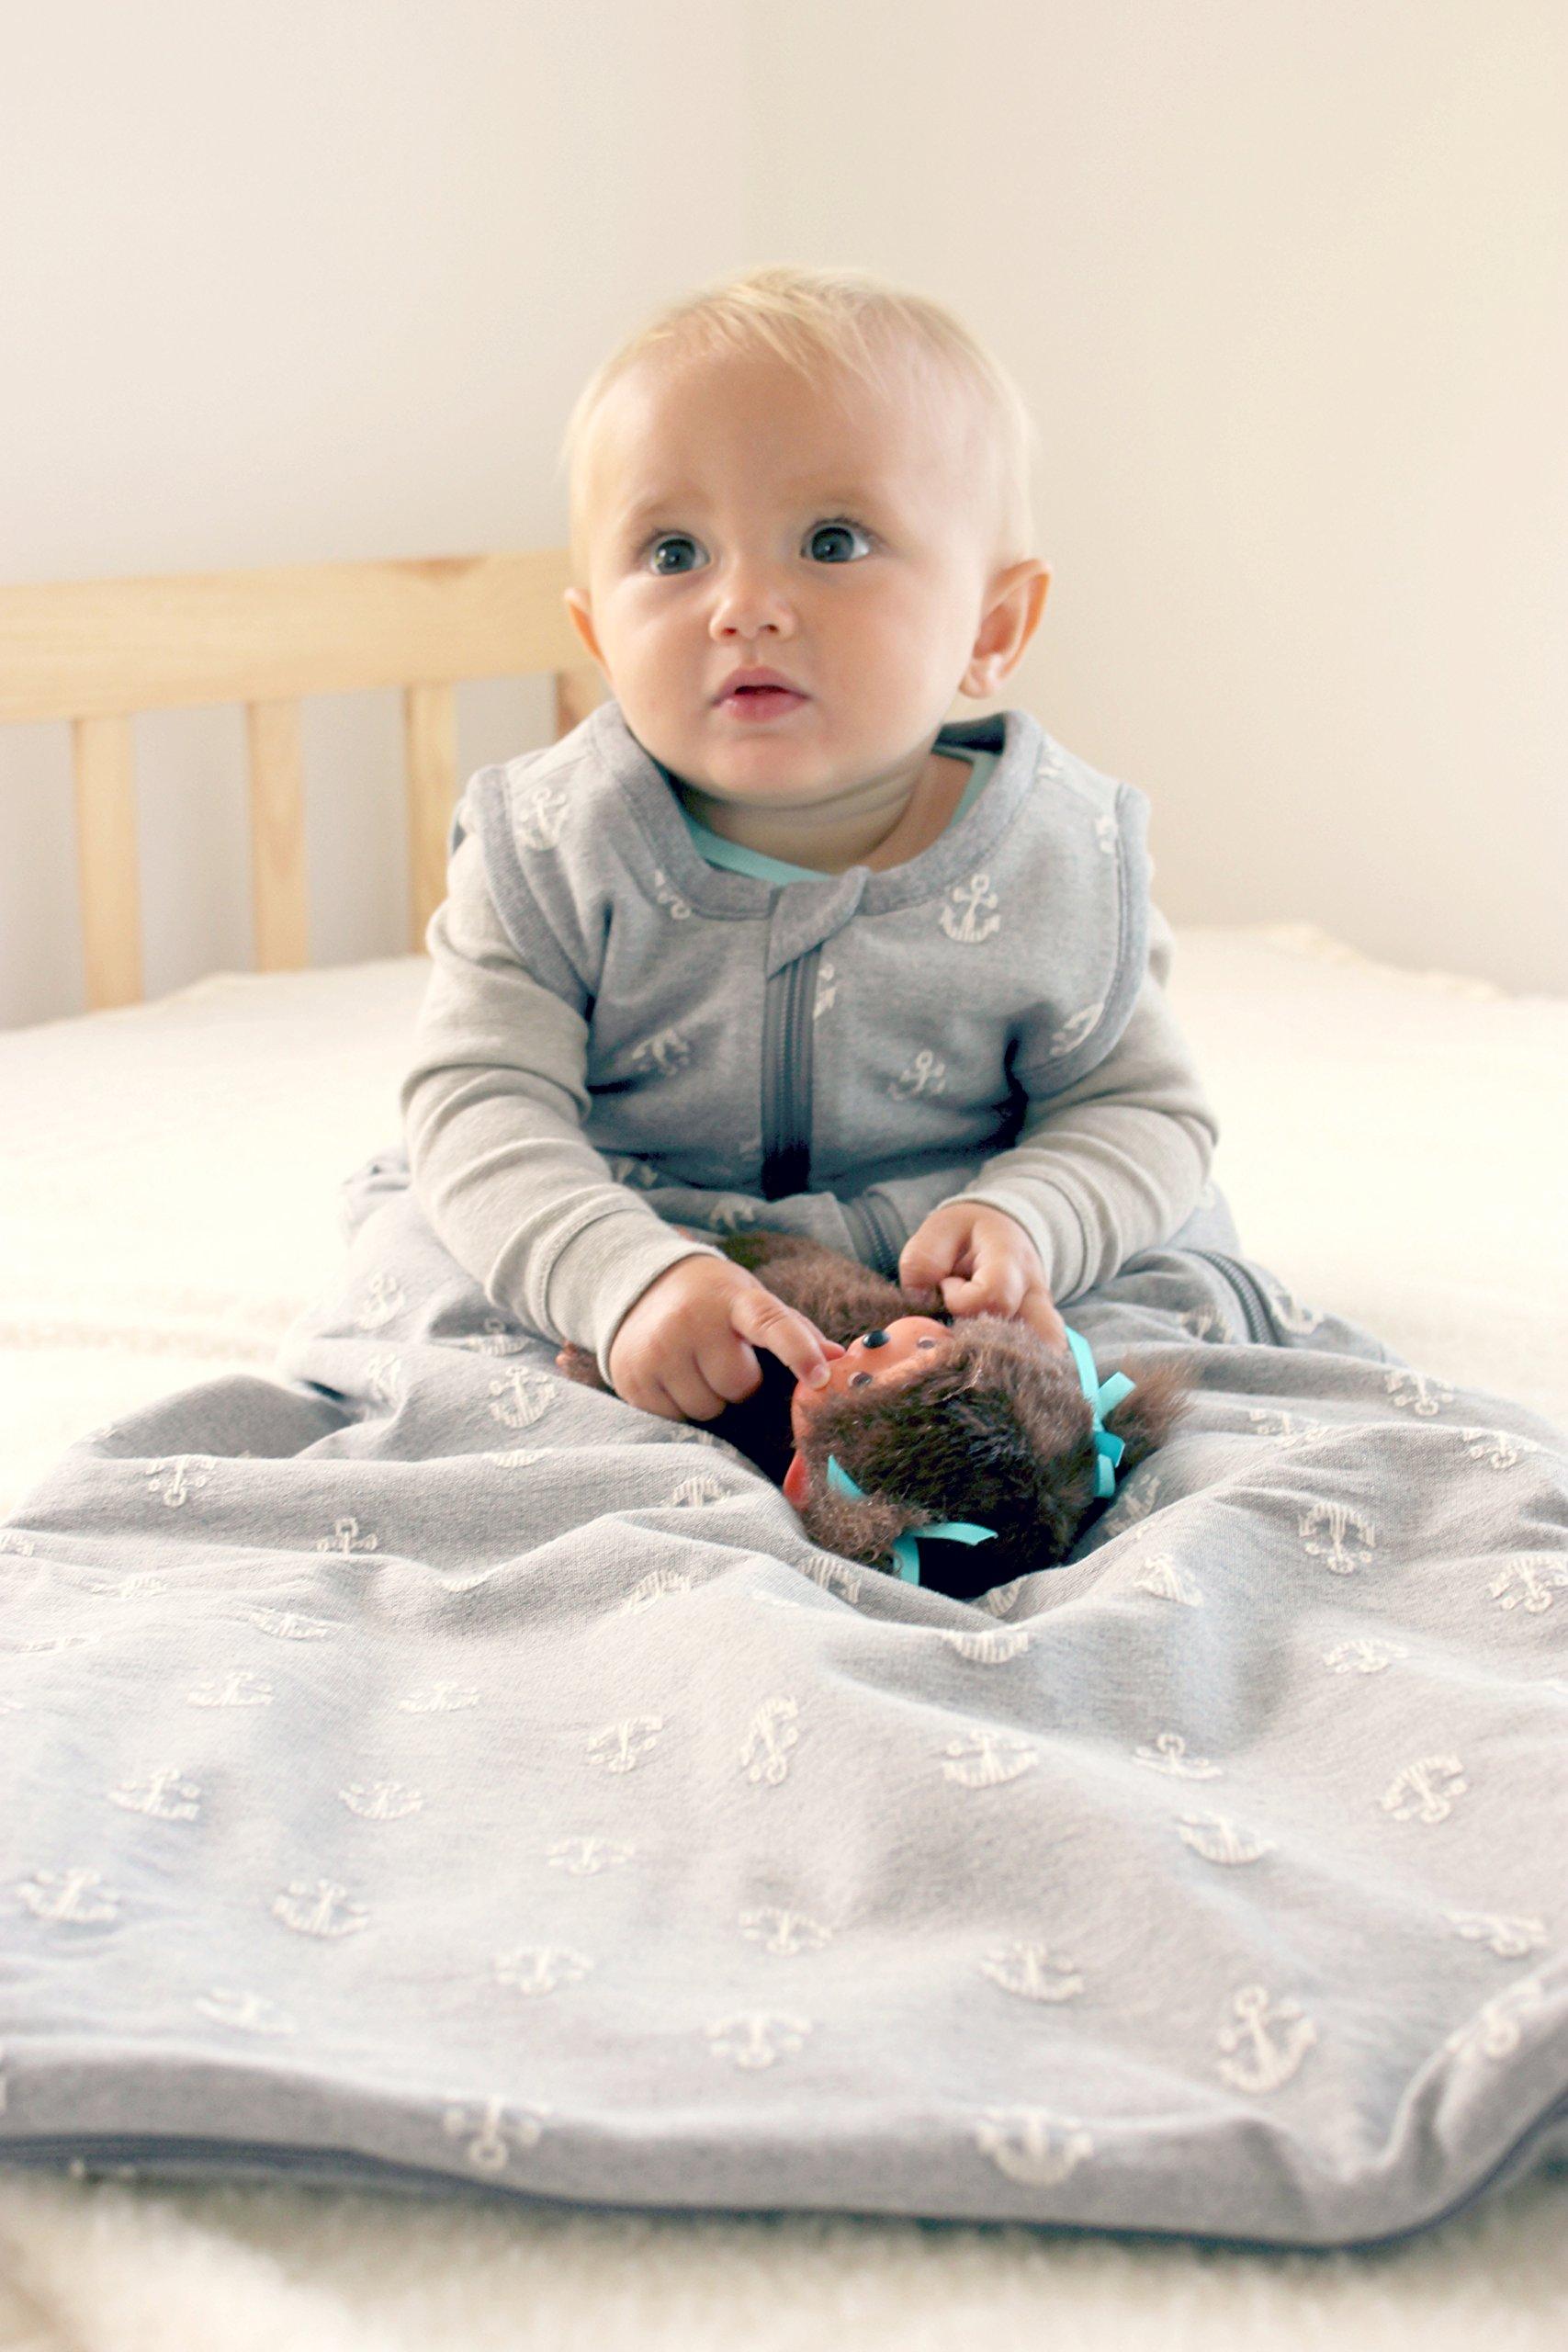 WINTER DUVET MERINO baby Sleep Sack / WINTER DUVET MERINO Sleep Bag, 0-2 yrs old, Neutral